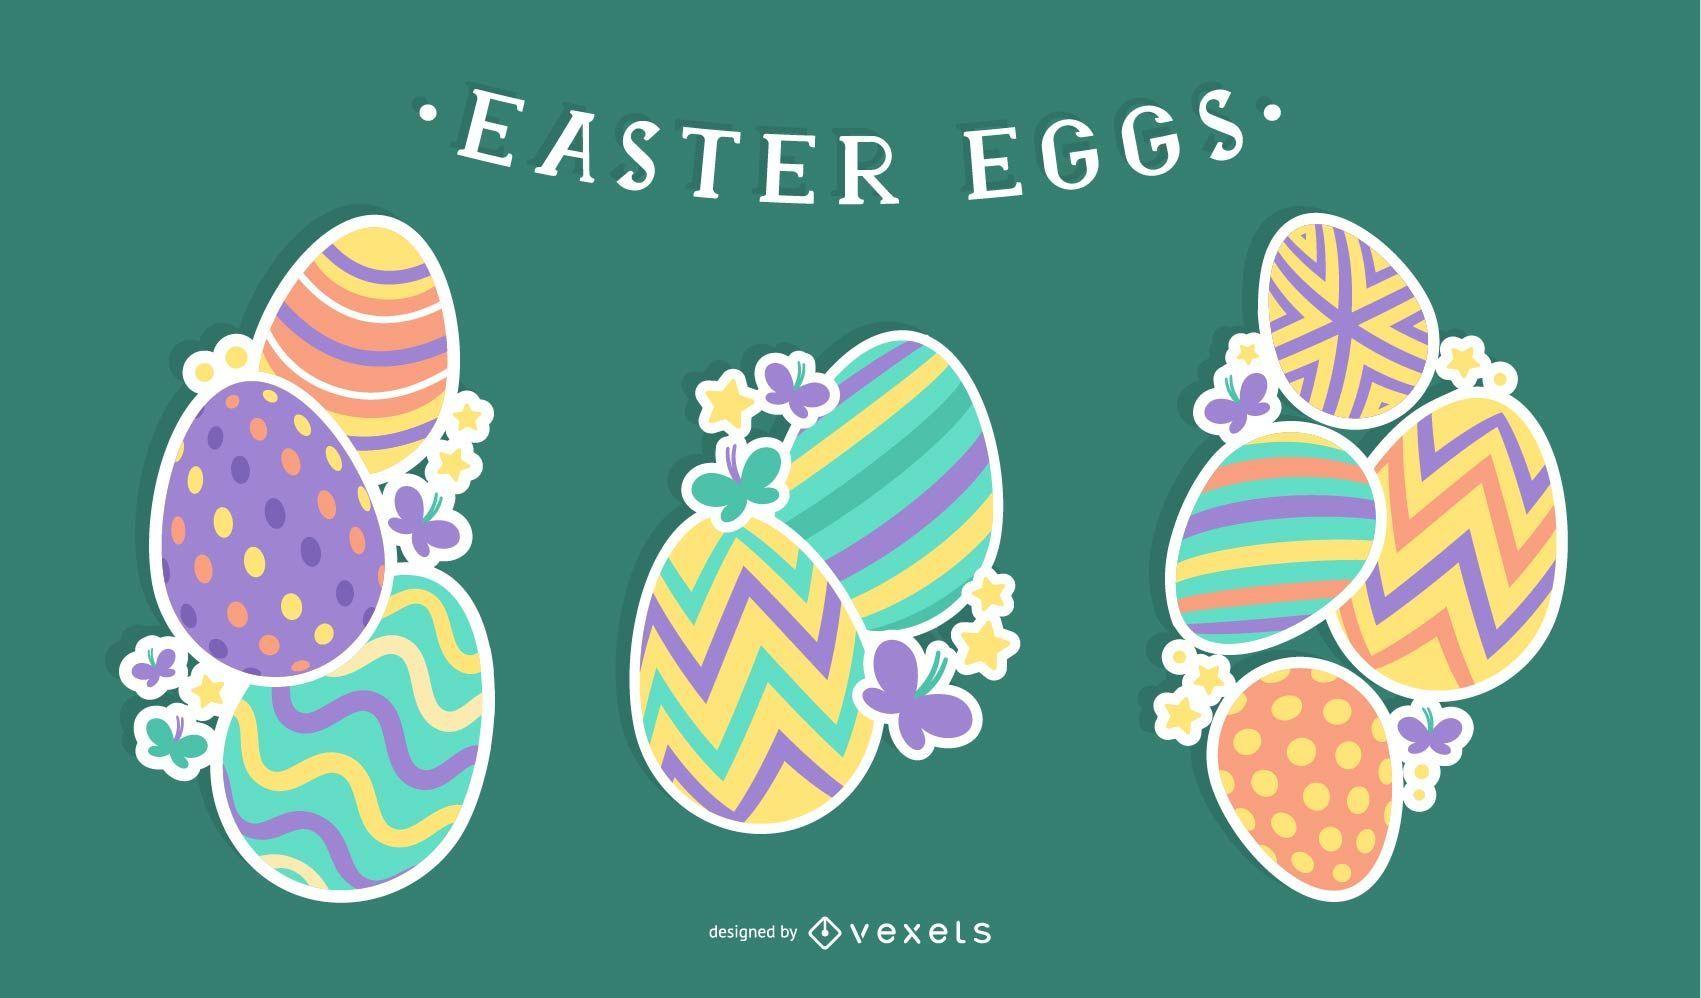 Easter Eggs Pile Illustration